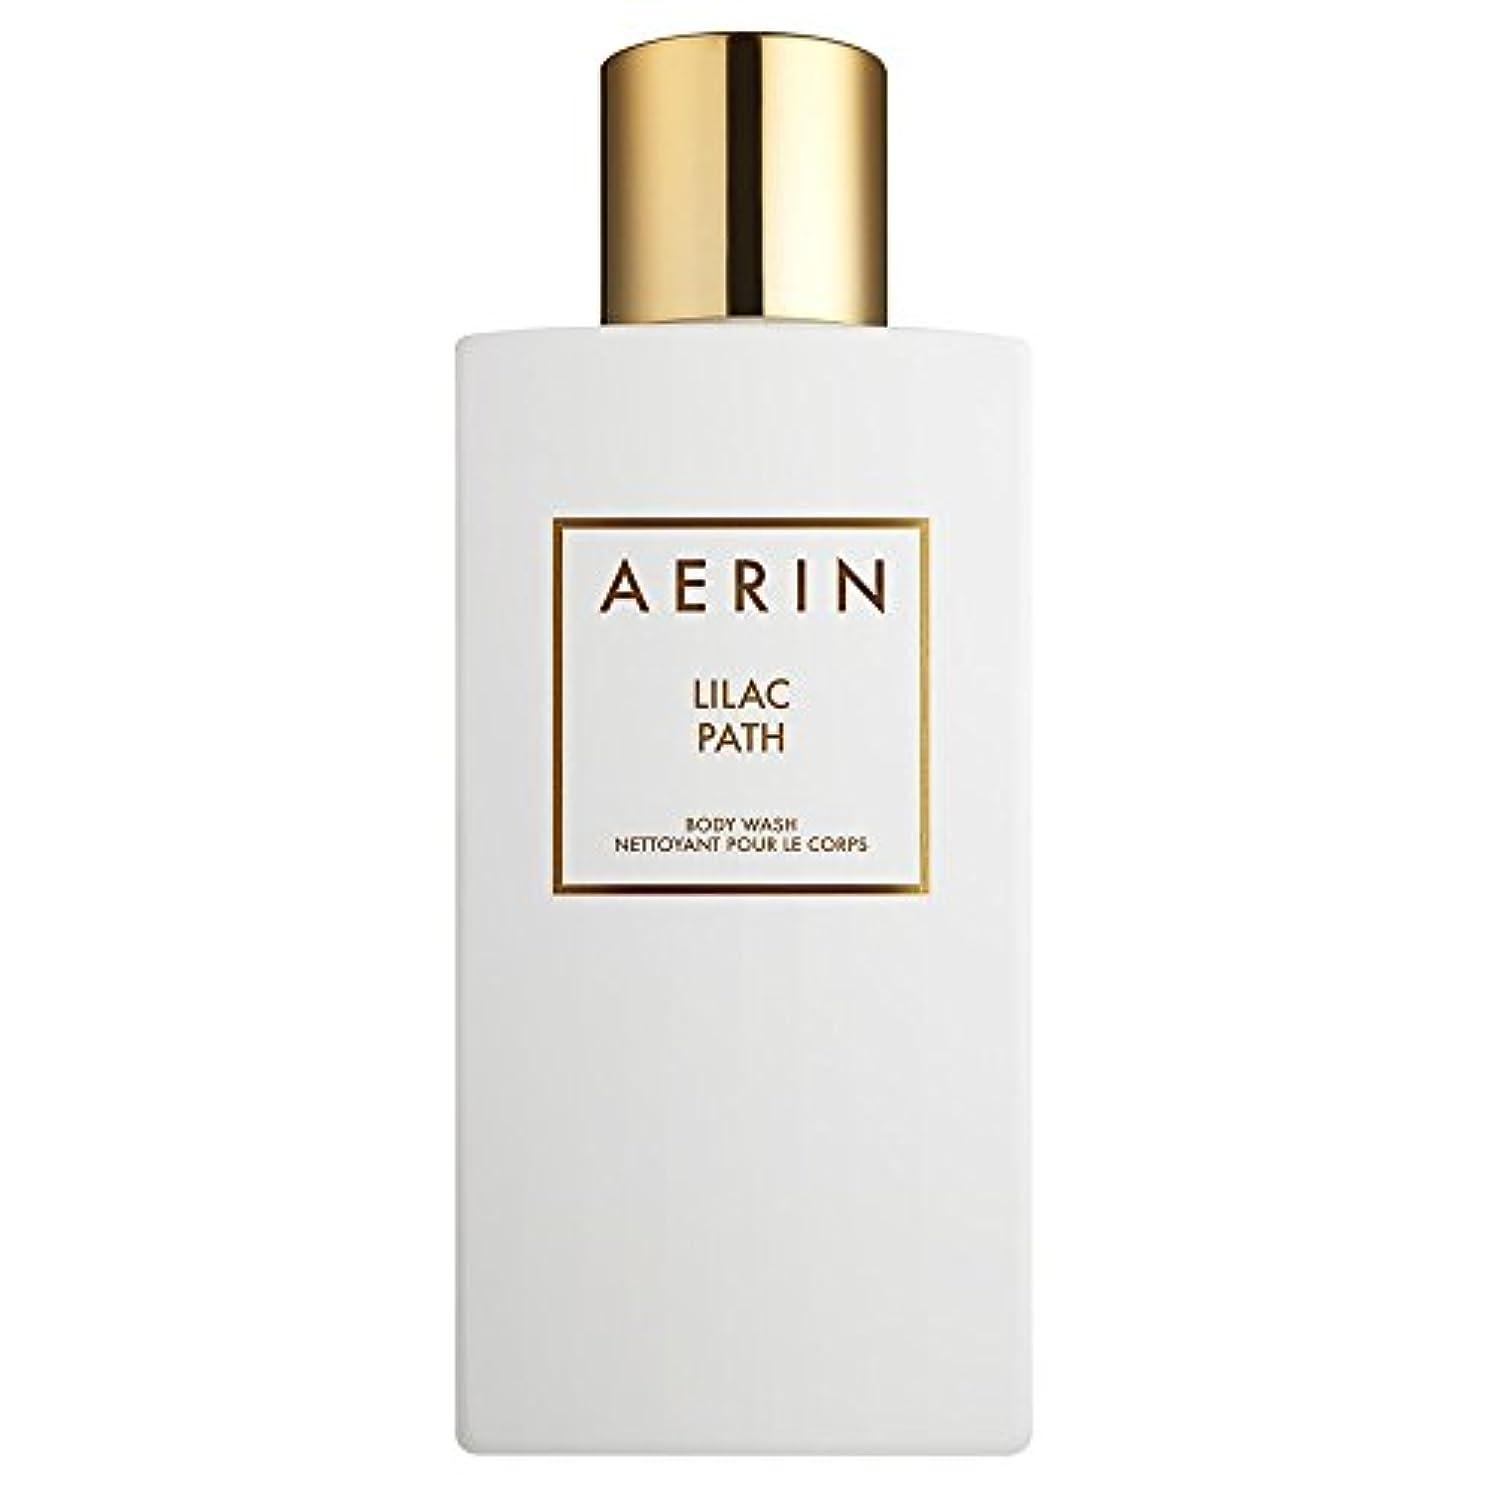 ライム赤道持っているAerinライラックパスボディウォッシュ225ミリリットル (AERIN) (x6) - AERIN Lilac Path Bodywash 225ml (Pack of 6) [並行輸入品]